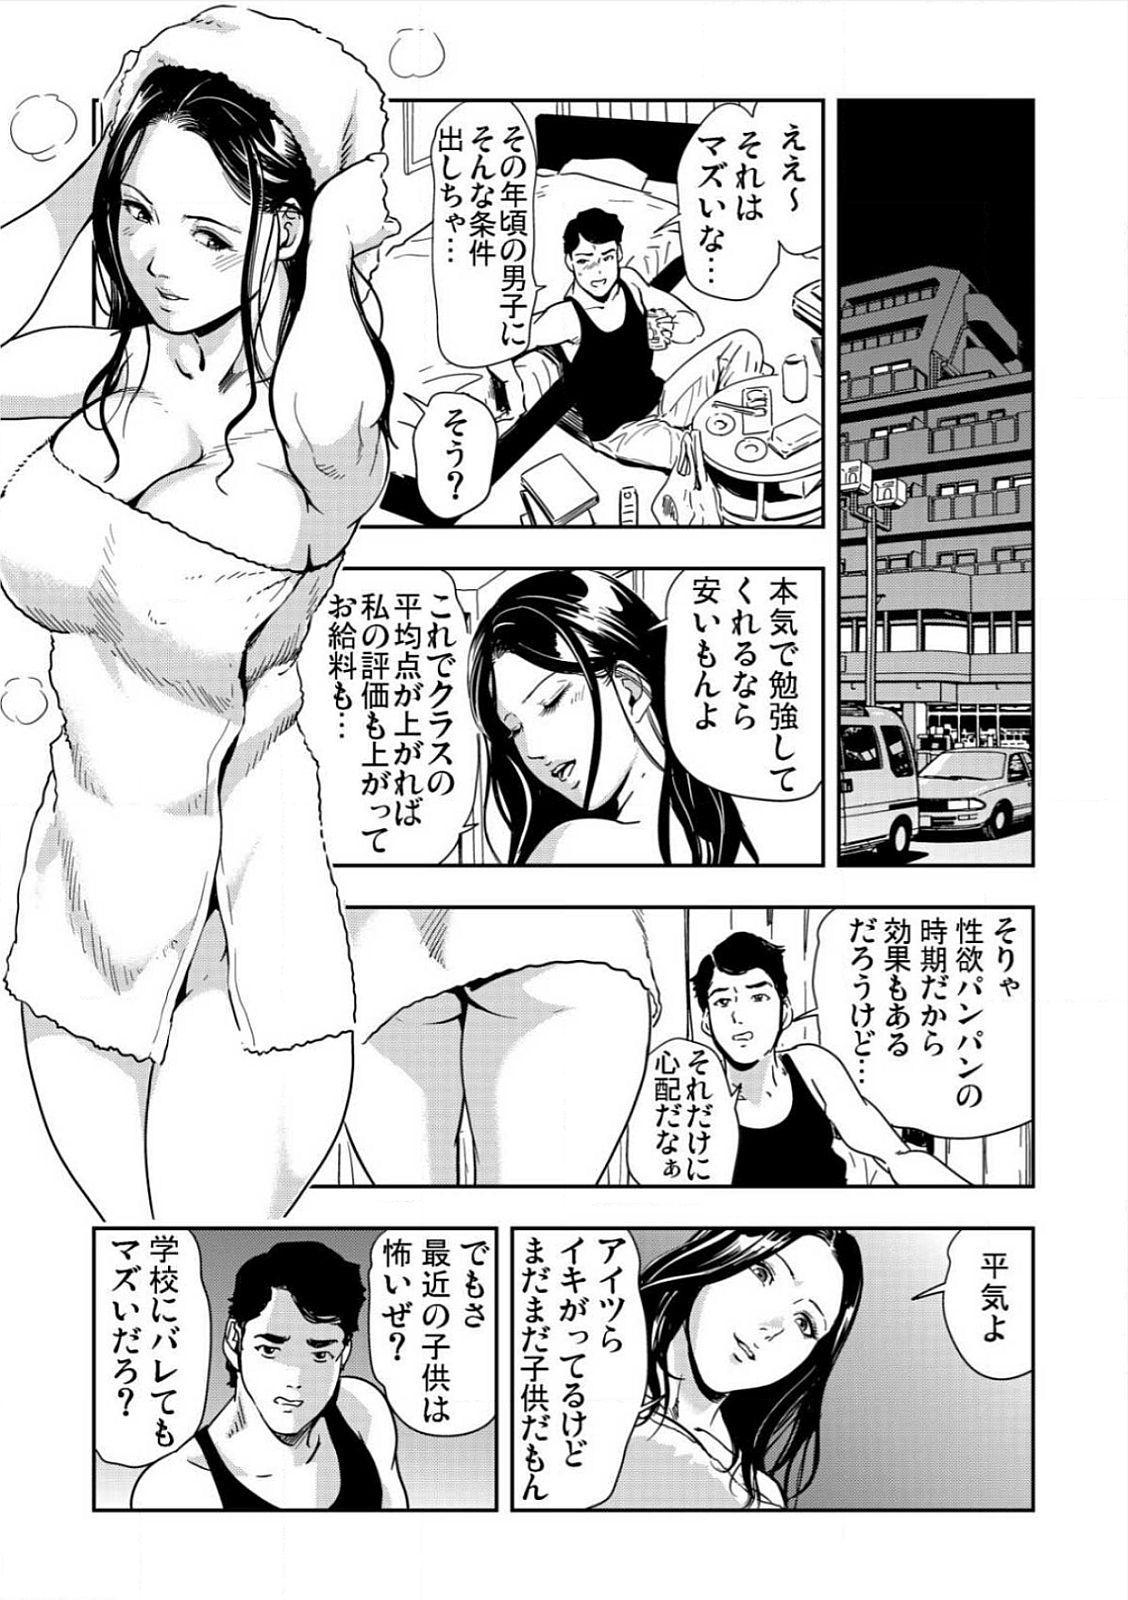 [Misaki Yukihiro] Kyousei Shidou ~Mechakucha ni Kegasarete~ (1)~(6) [Digital] 114